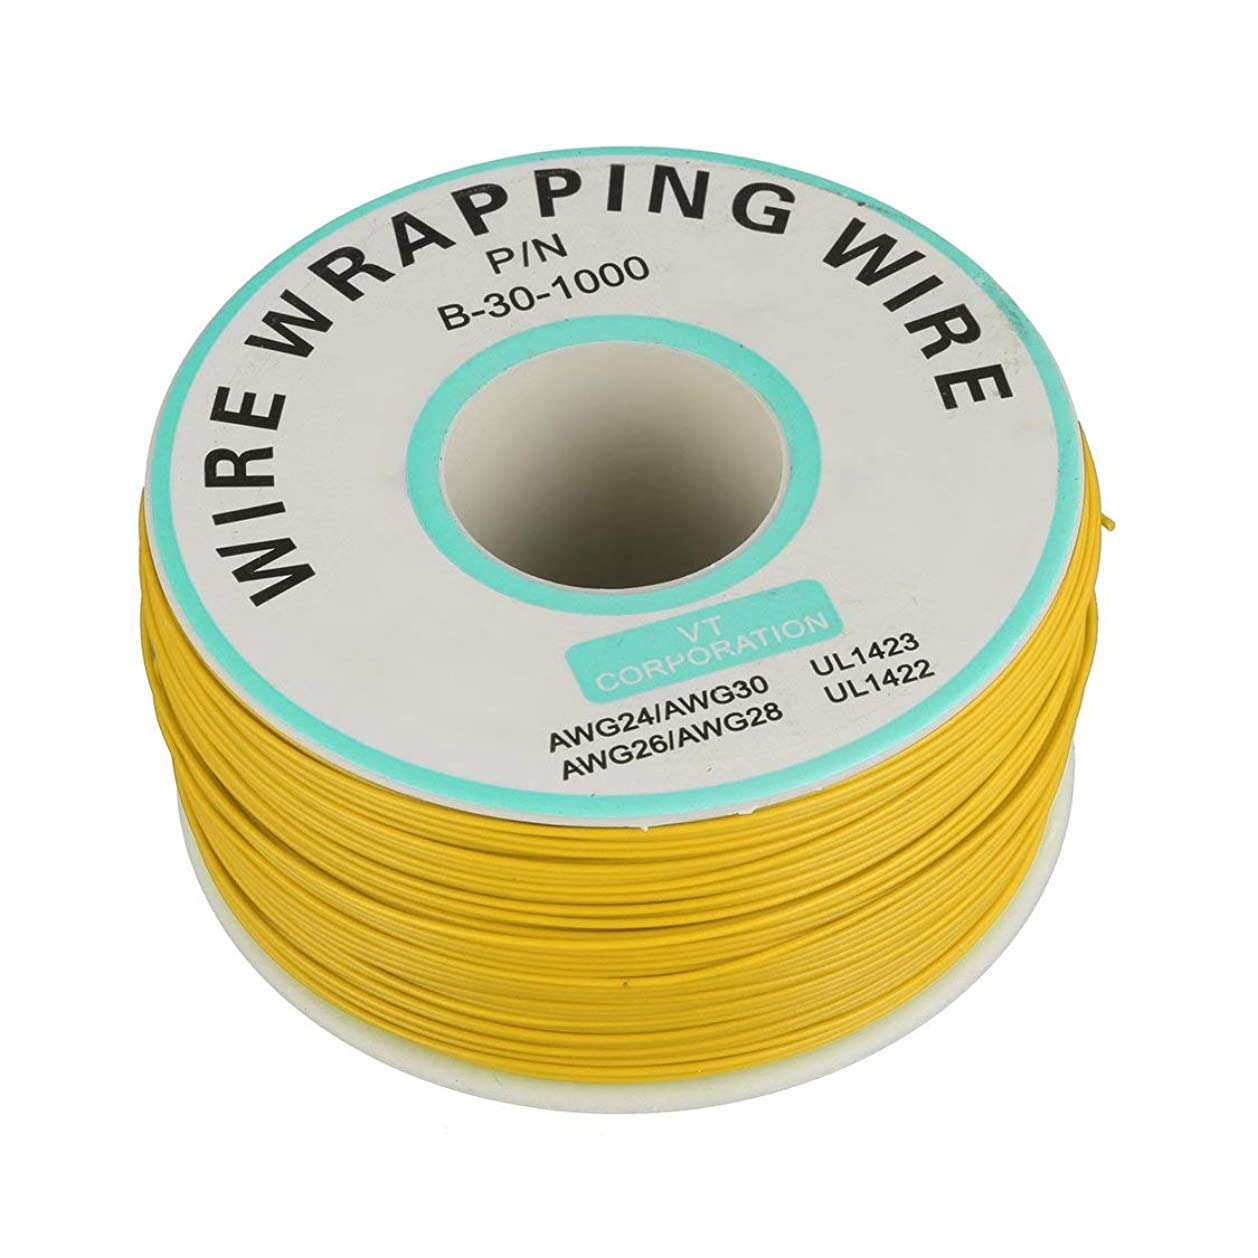 クッションブルームストリップ250m 30awgシングルコア銅線Okライン回路フライラインPcbジャンパー線電子溶接ケーブル